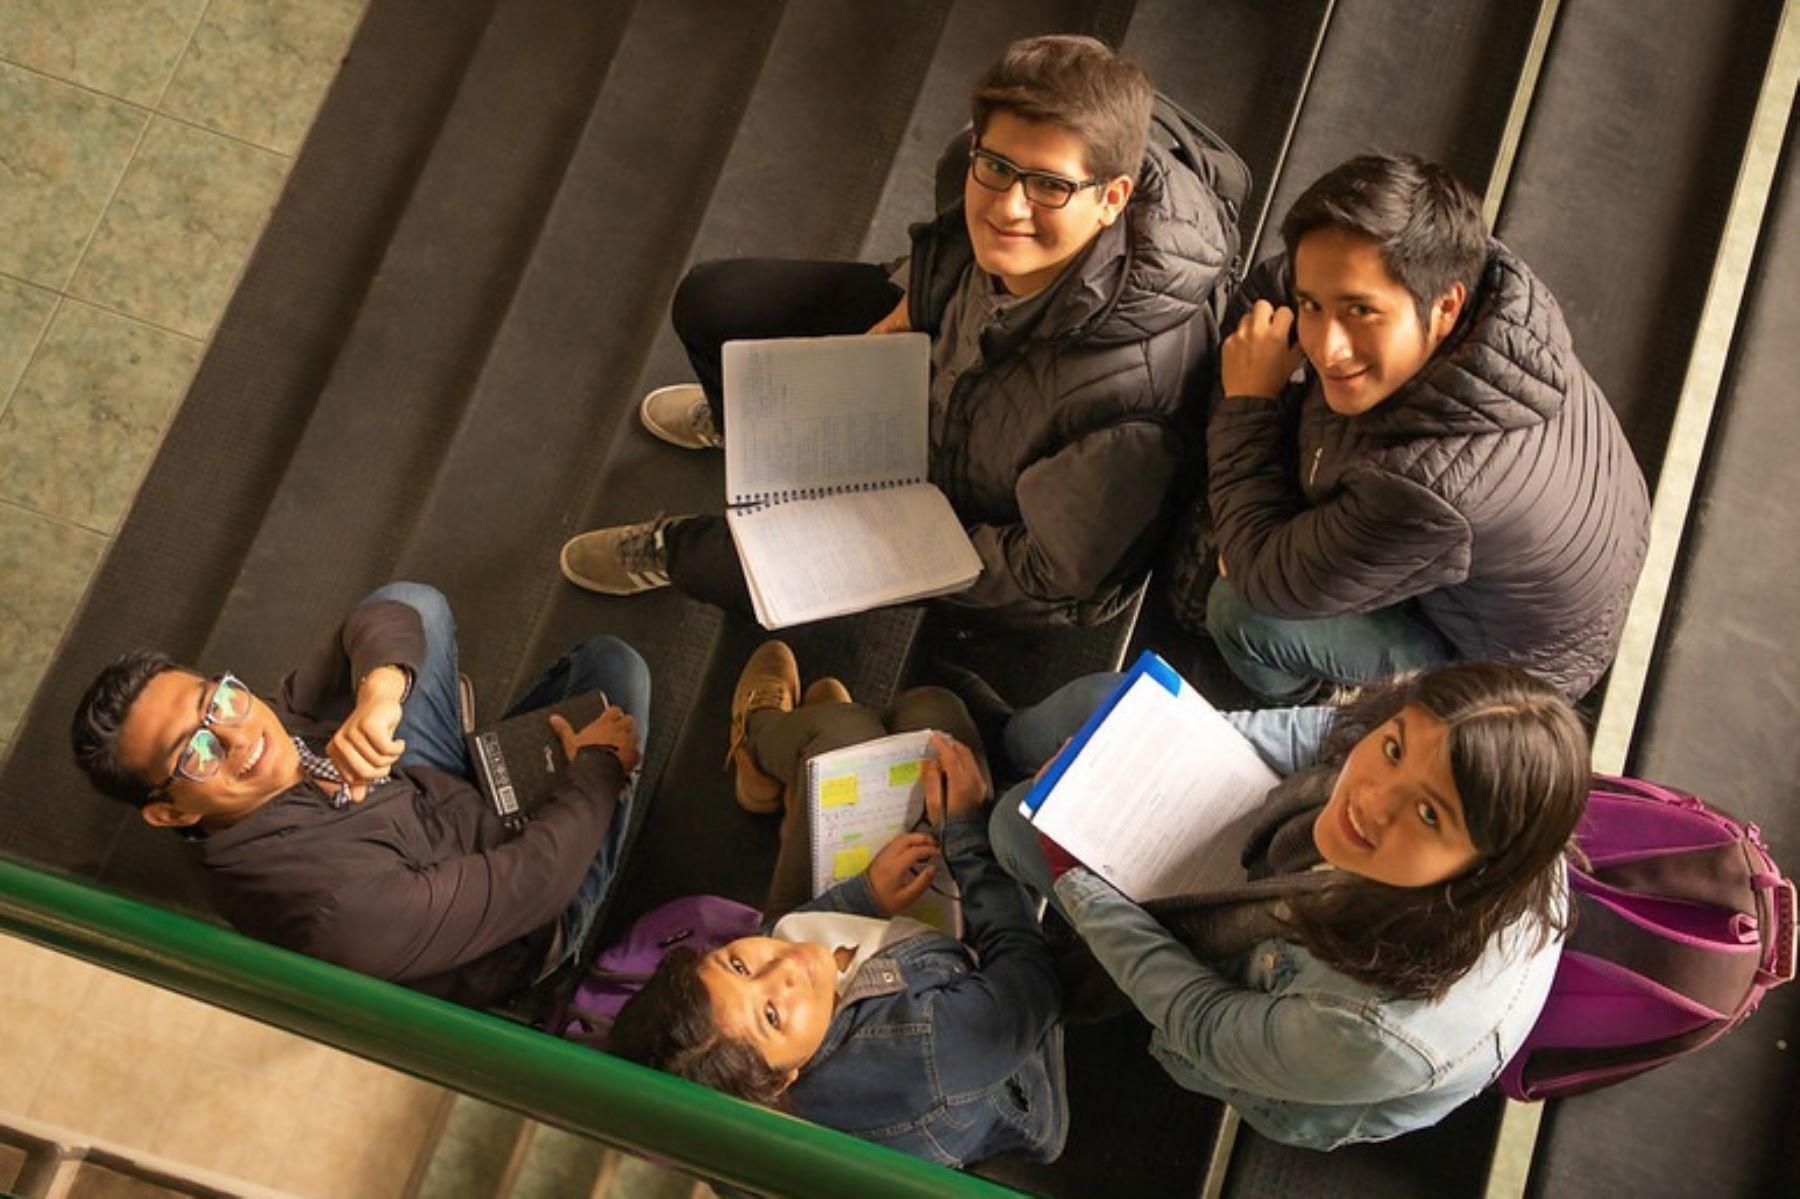 Si bien la emergencia sanitaria por el coronavirus impedirá a los estudiantes reunirse como antes durante todo este año, la beca permitirá estudiar toda la carrera. Foto: Archivo Pronabec.